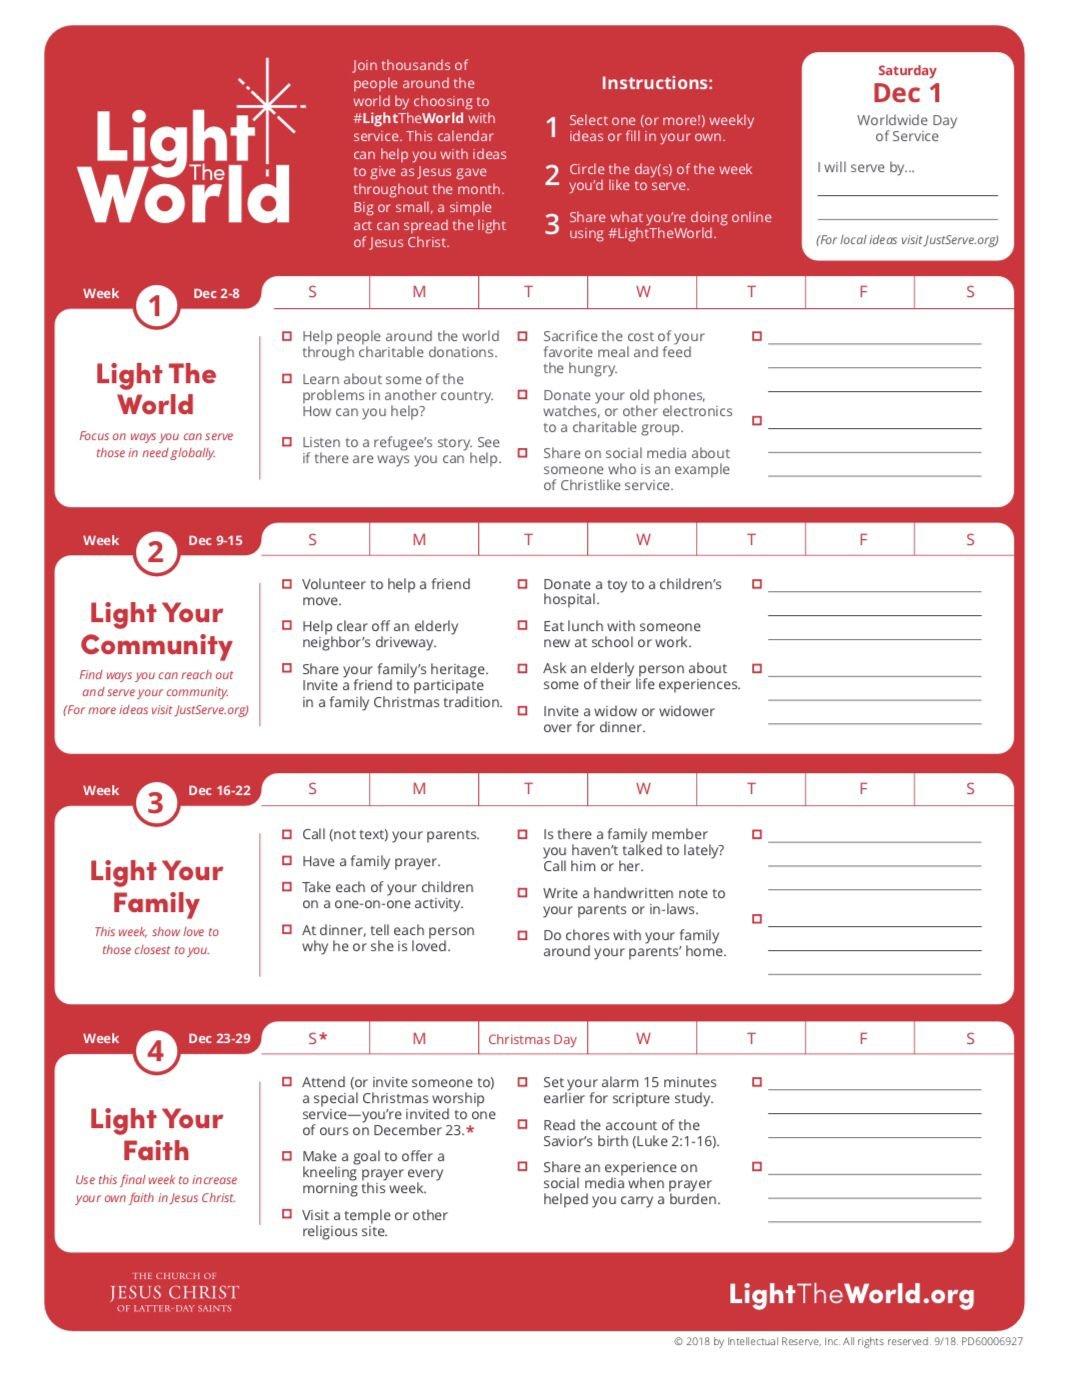 2018 Lds Light The World Calendar. | Lds Light The World Templet One Week Calender